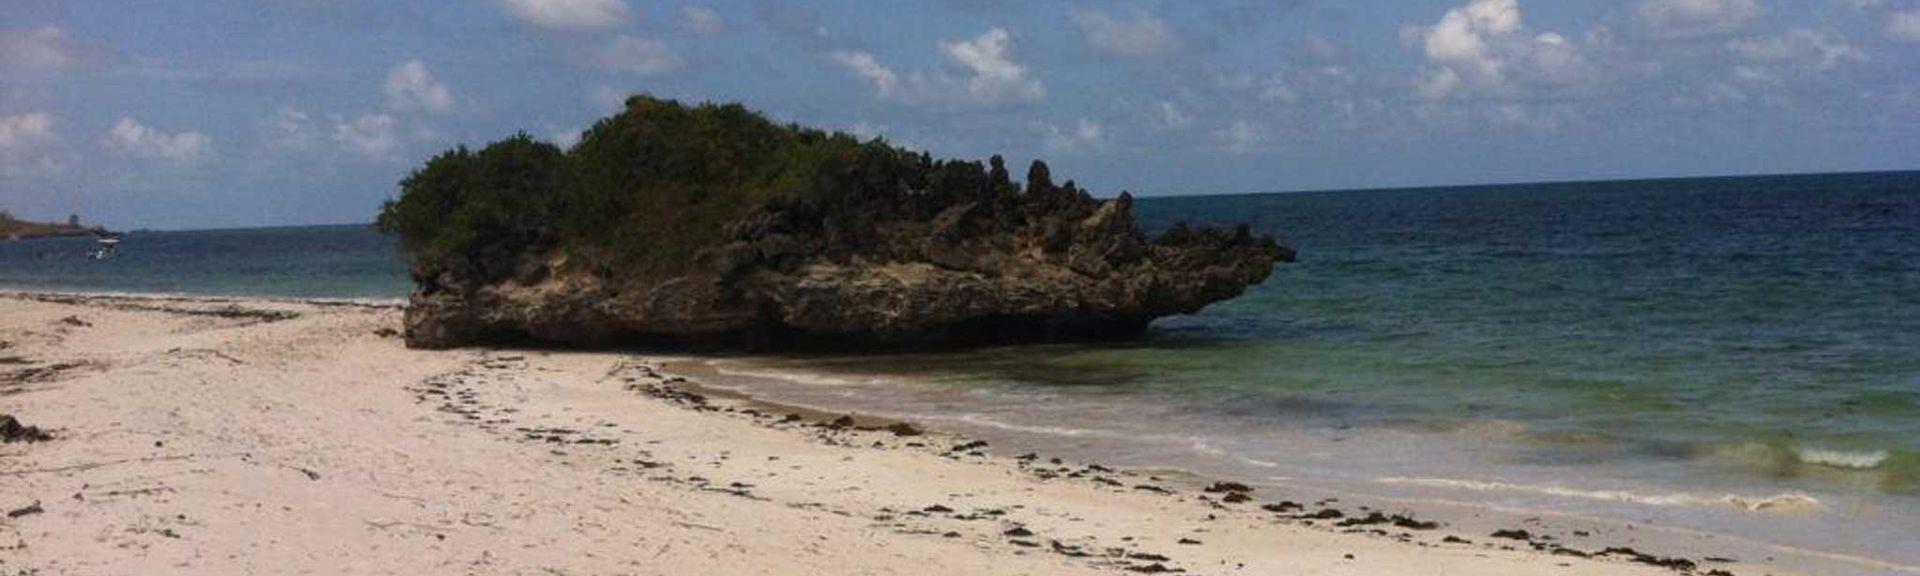 Spiaggia di Watamu, Watamu, Contea di Kilifi, Kenya